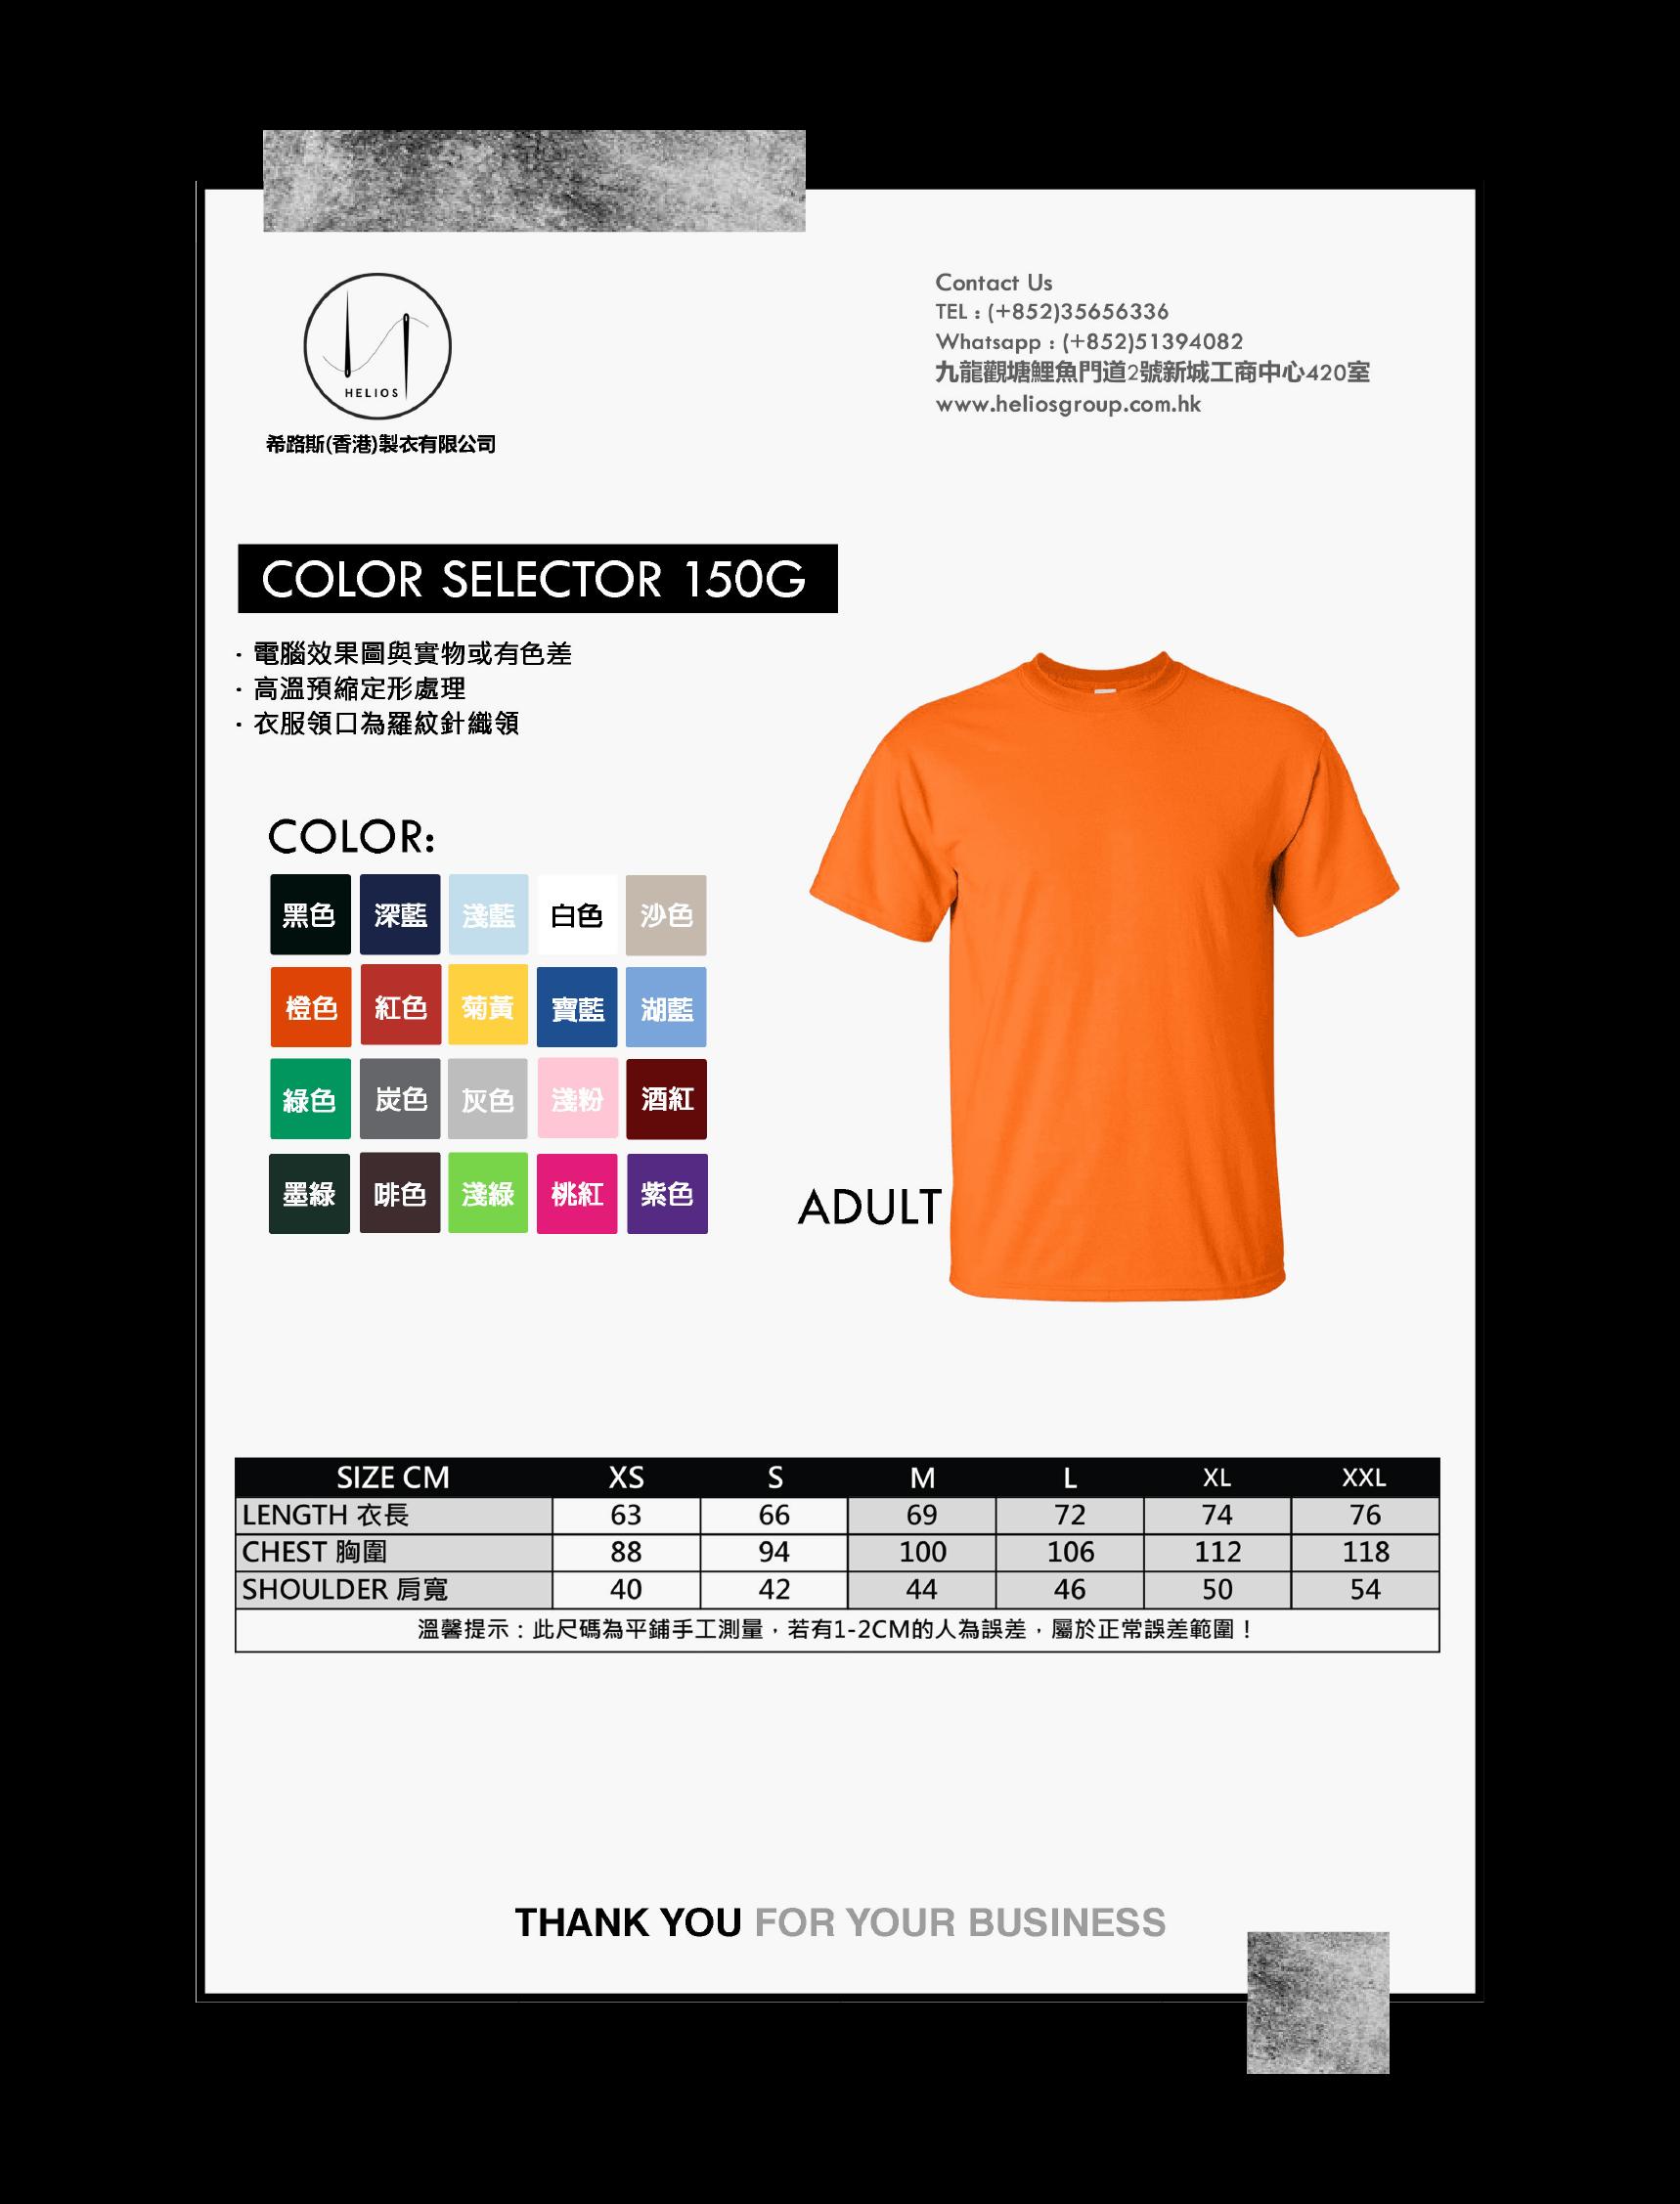 成衣 T-shirt150G 尺碼表